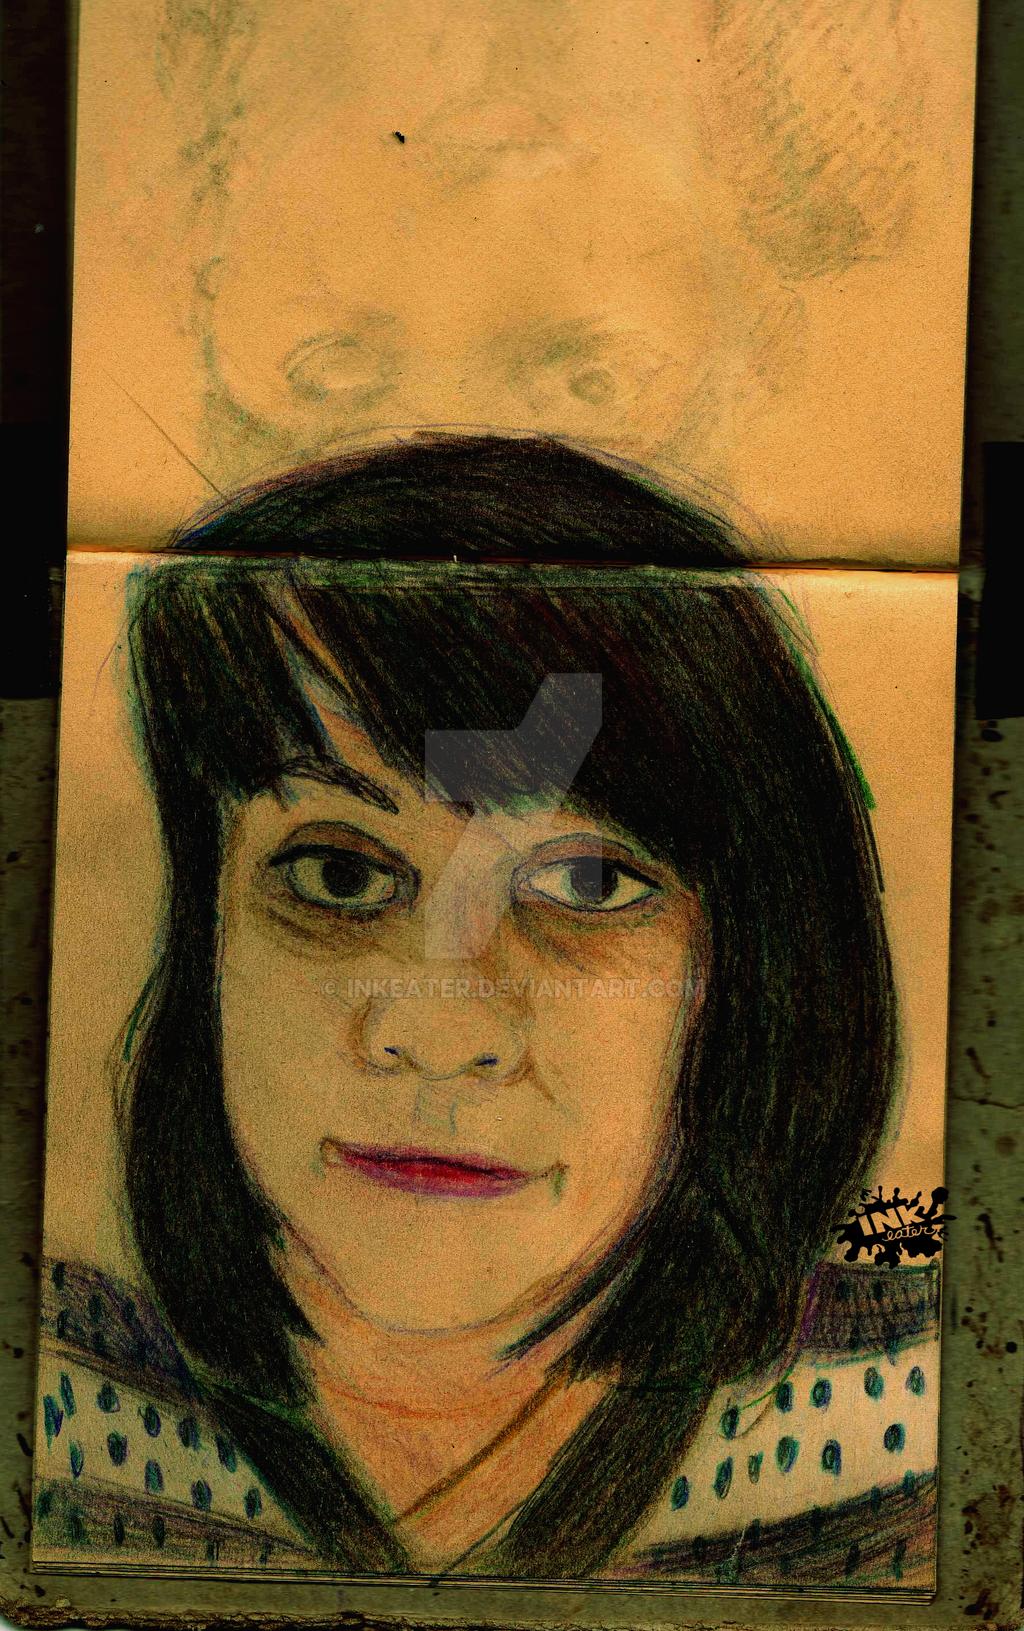 Cyn (Portrait) by inkeater